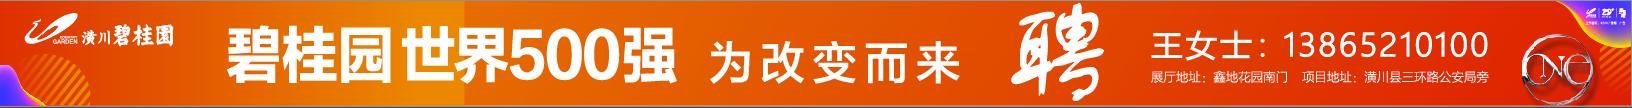 潢川碧桂园